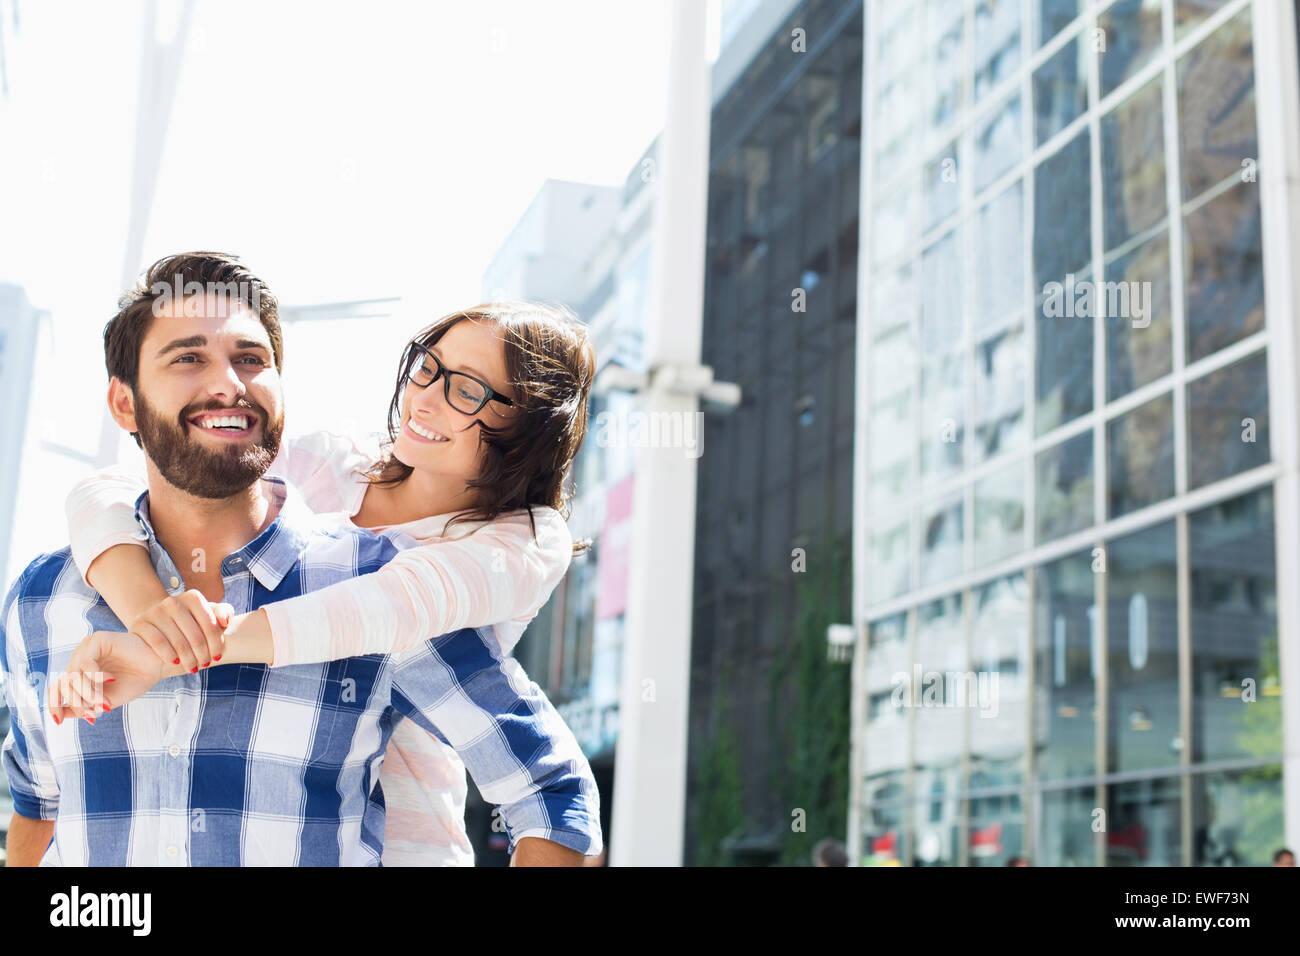 Glücklicher Mann geben Huckepack Fahrt zur Frau in der Stadt Stockfoto